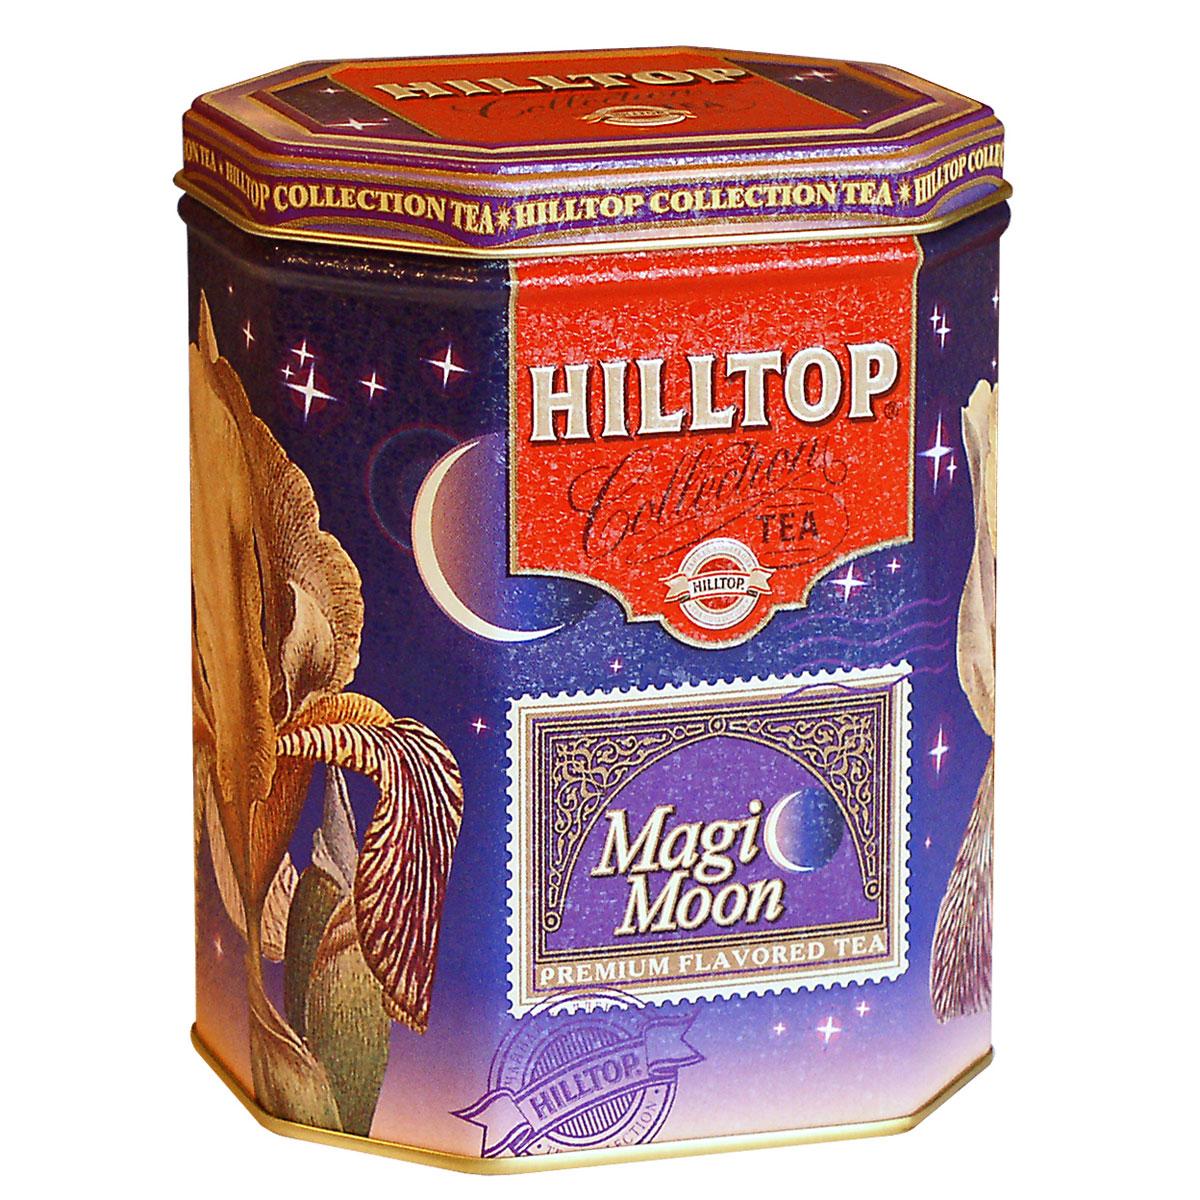 Hilltop Волшебная луна черный листовой чай, 100 г teabreez волшебная ночь чай листовой 100 г